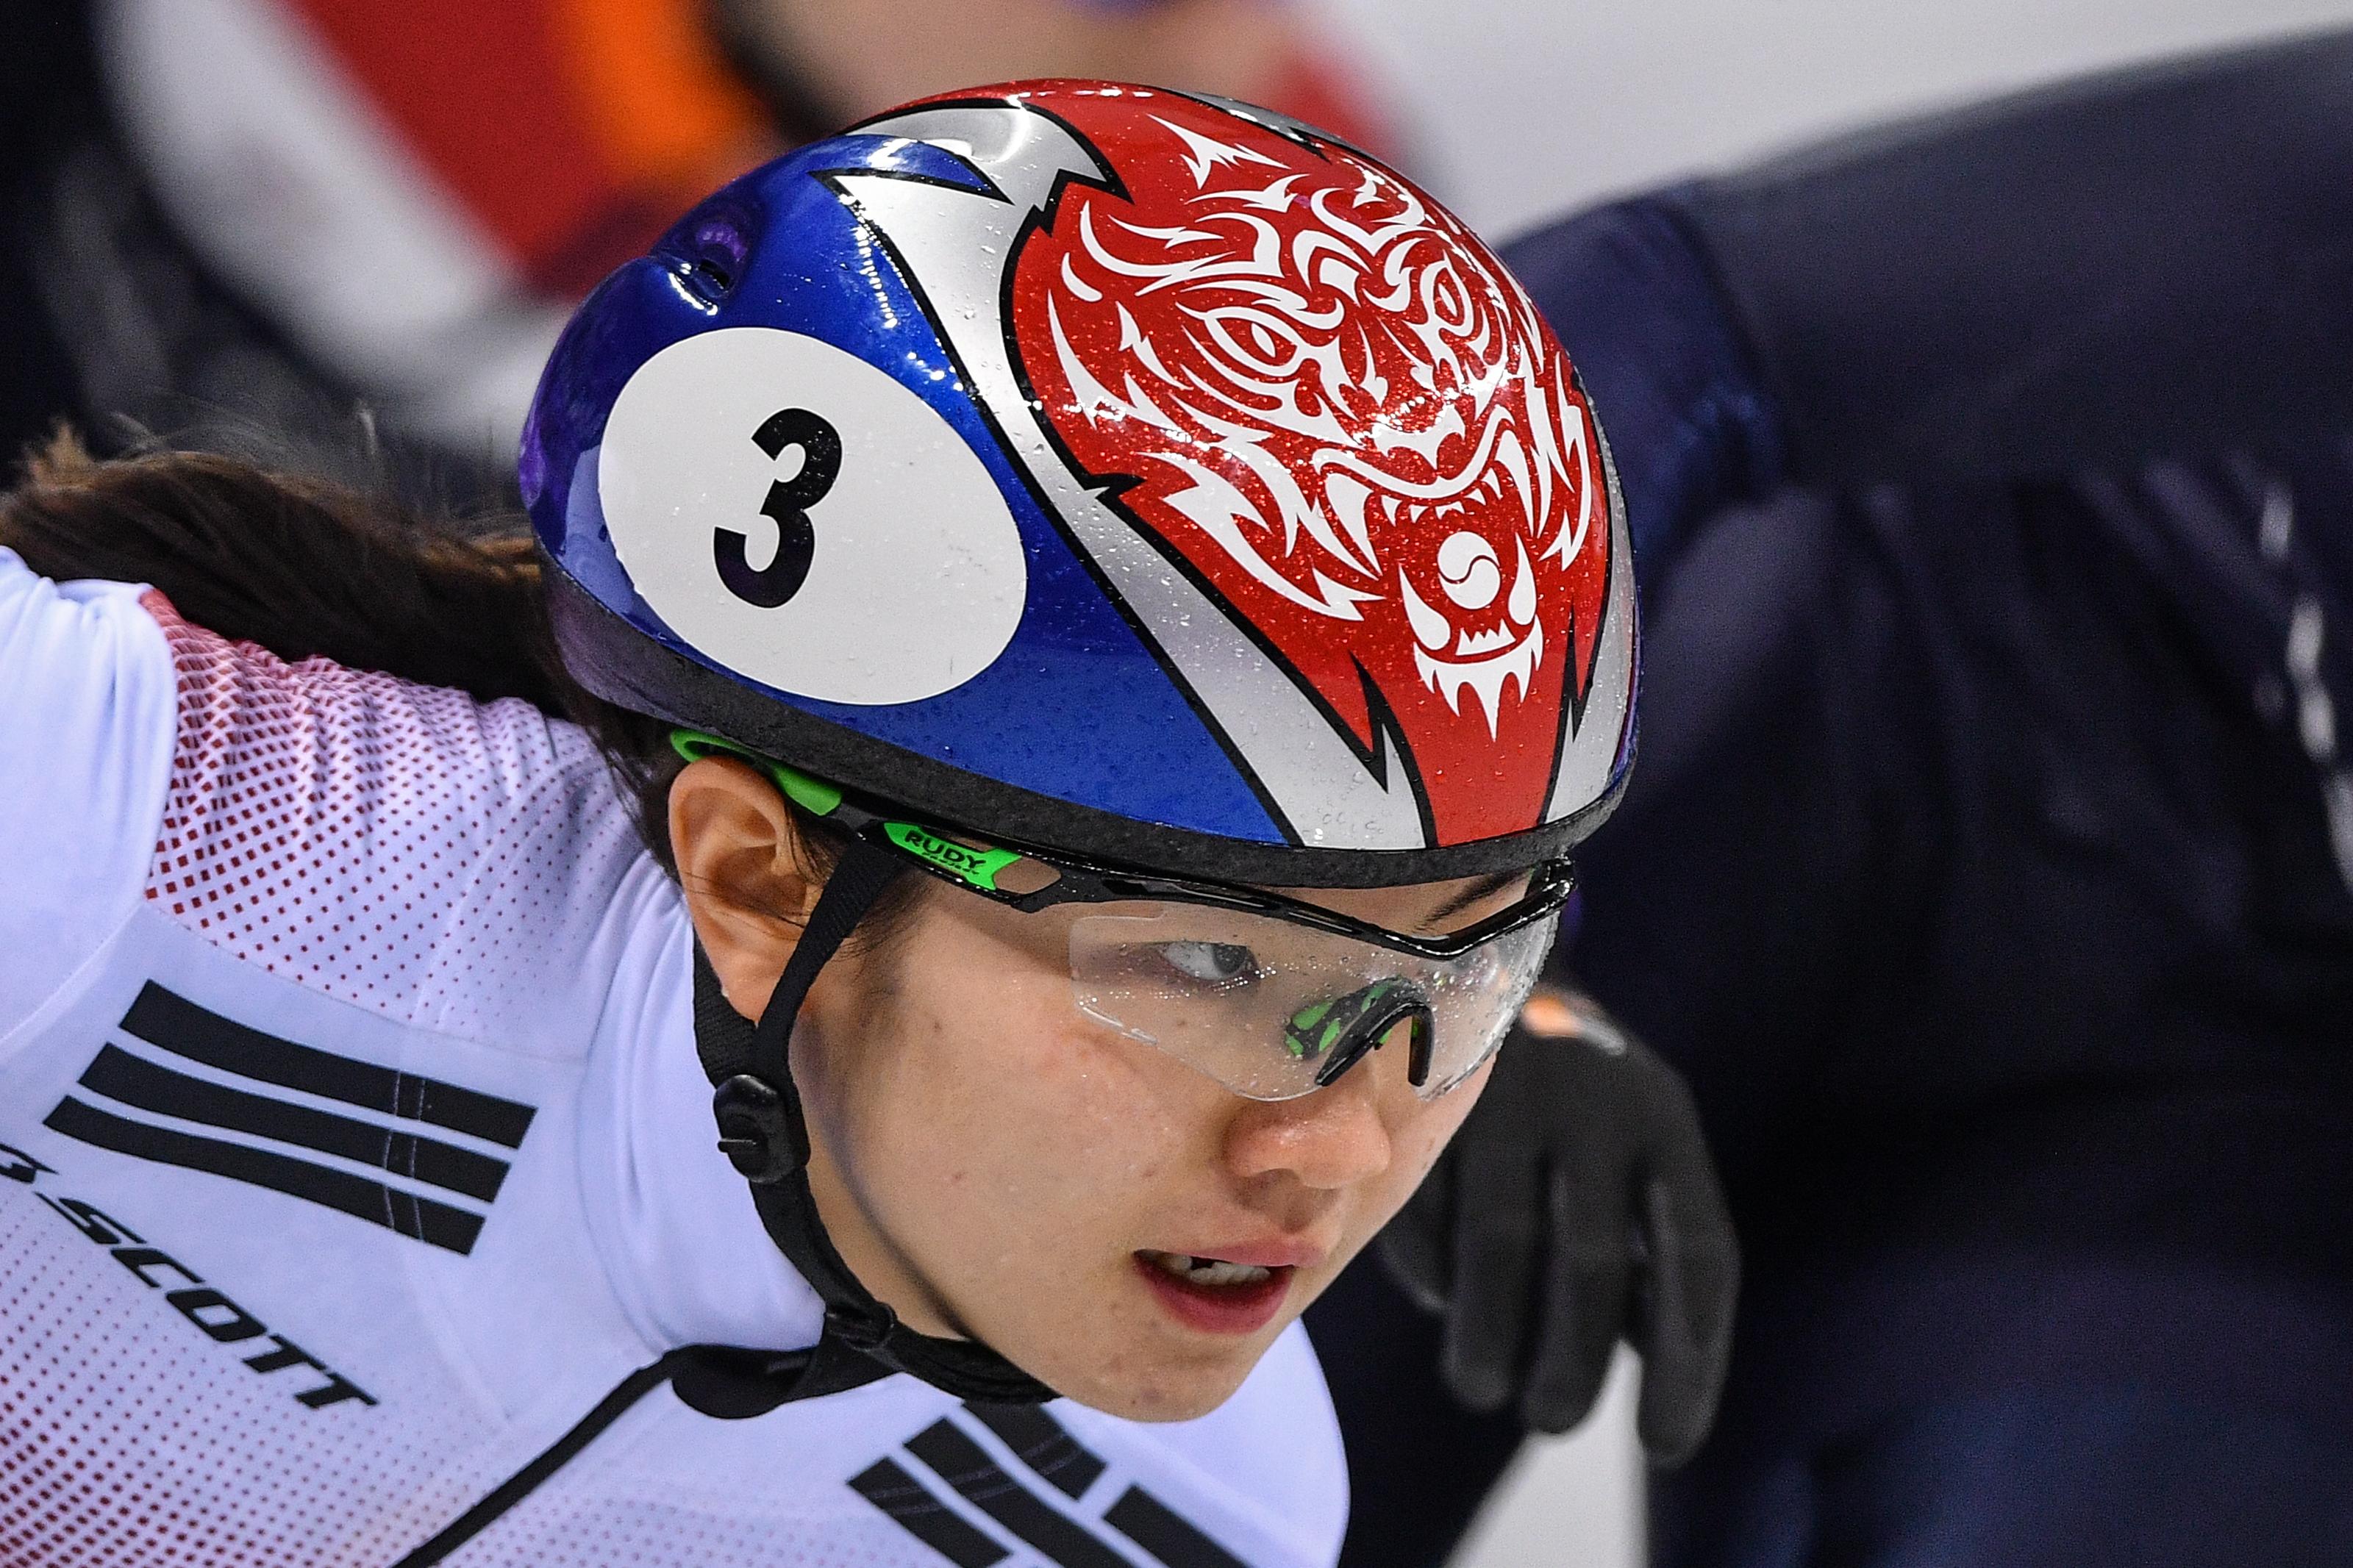 10 év börtönt kapott egy dél-koreai edző, aki abuzált egy olimpiai bajnok gyorskorcsolyázót